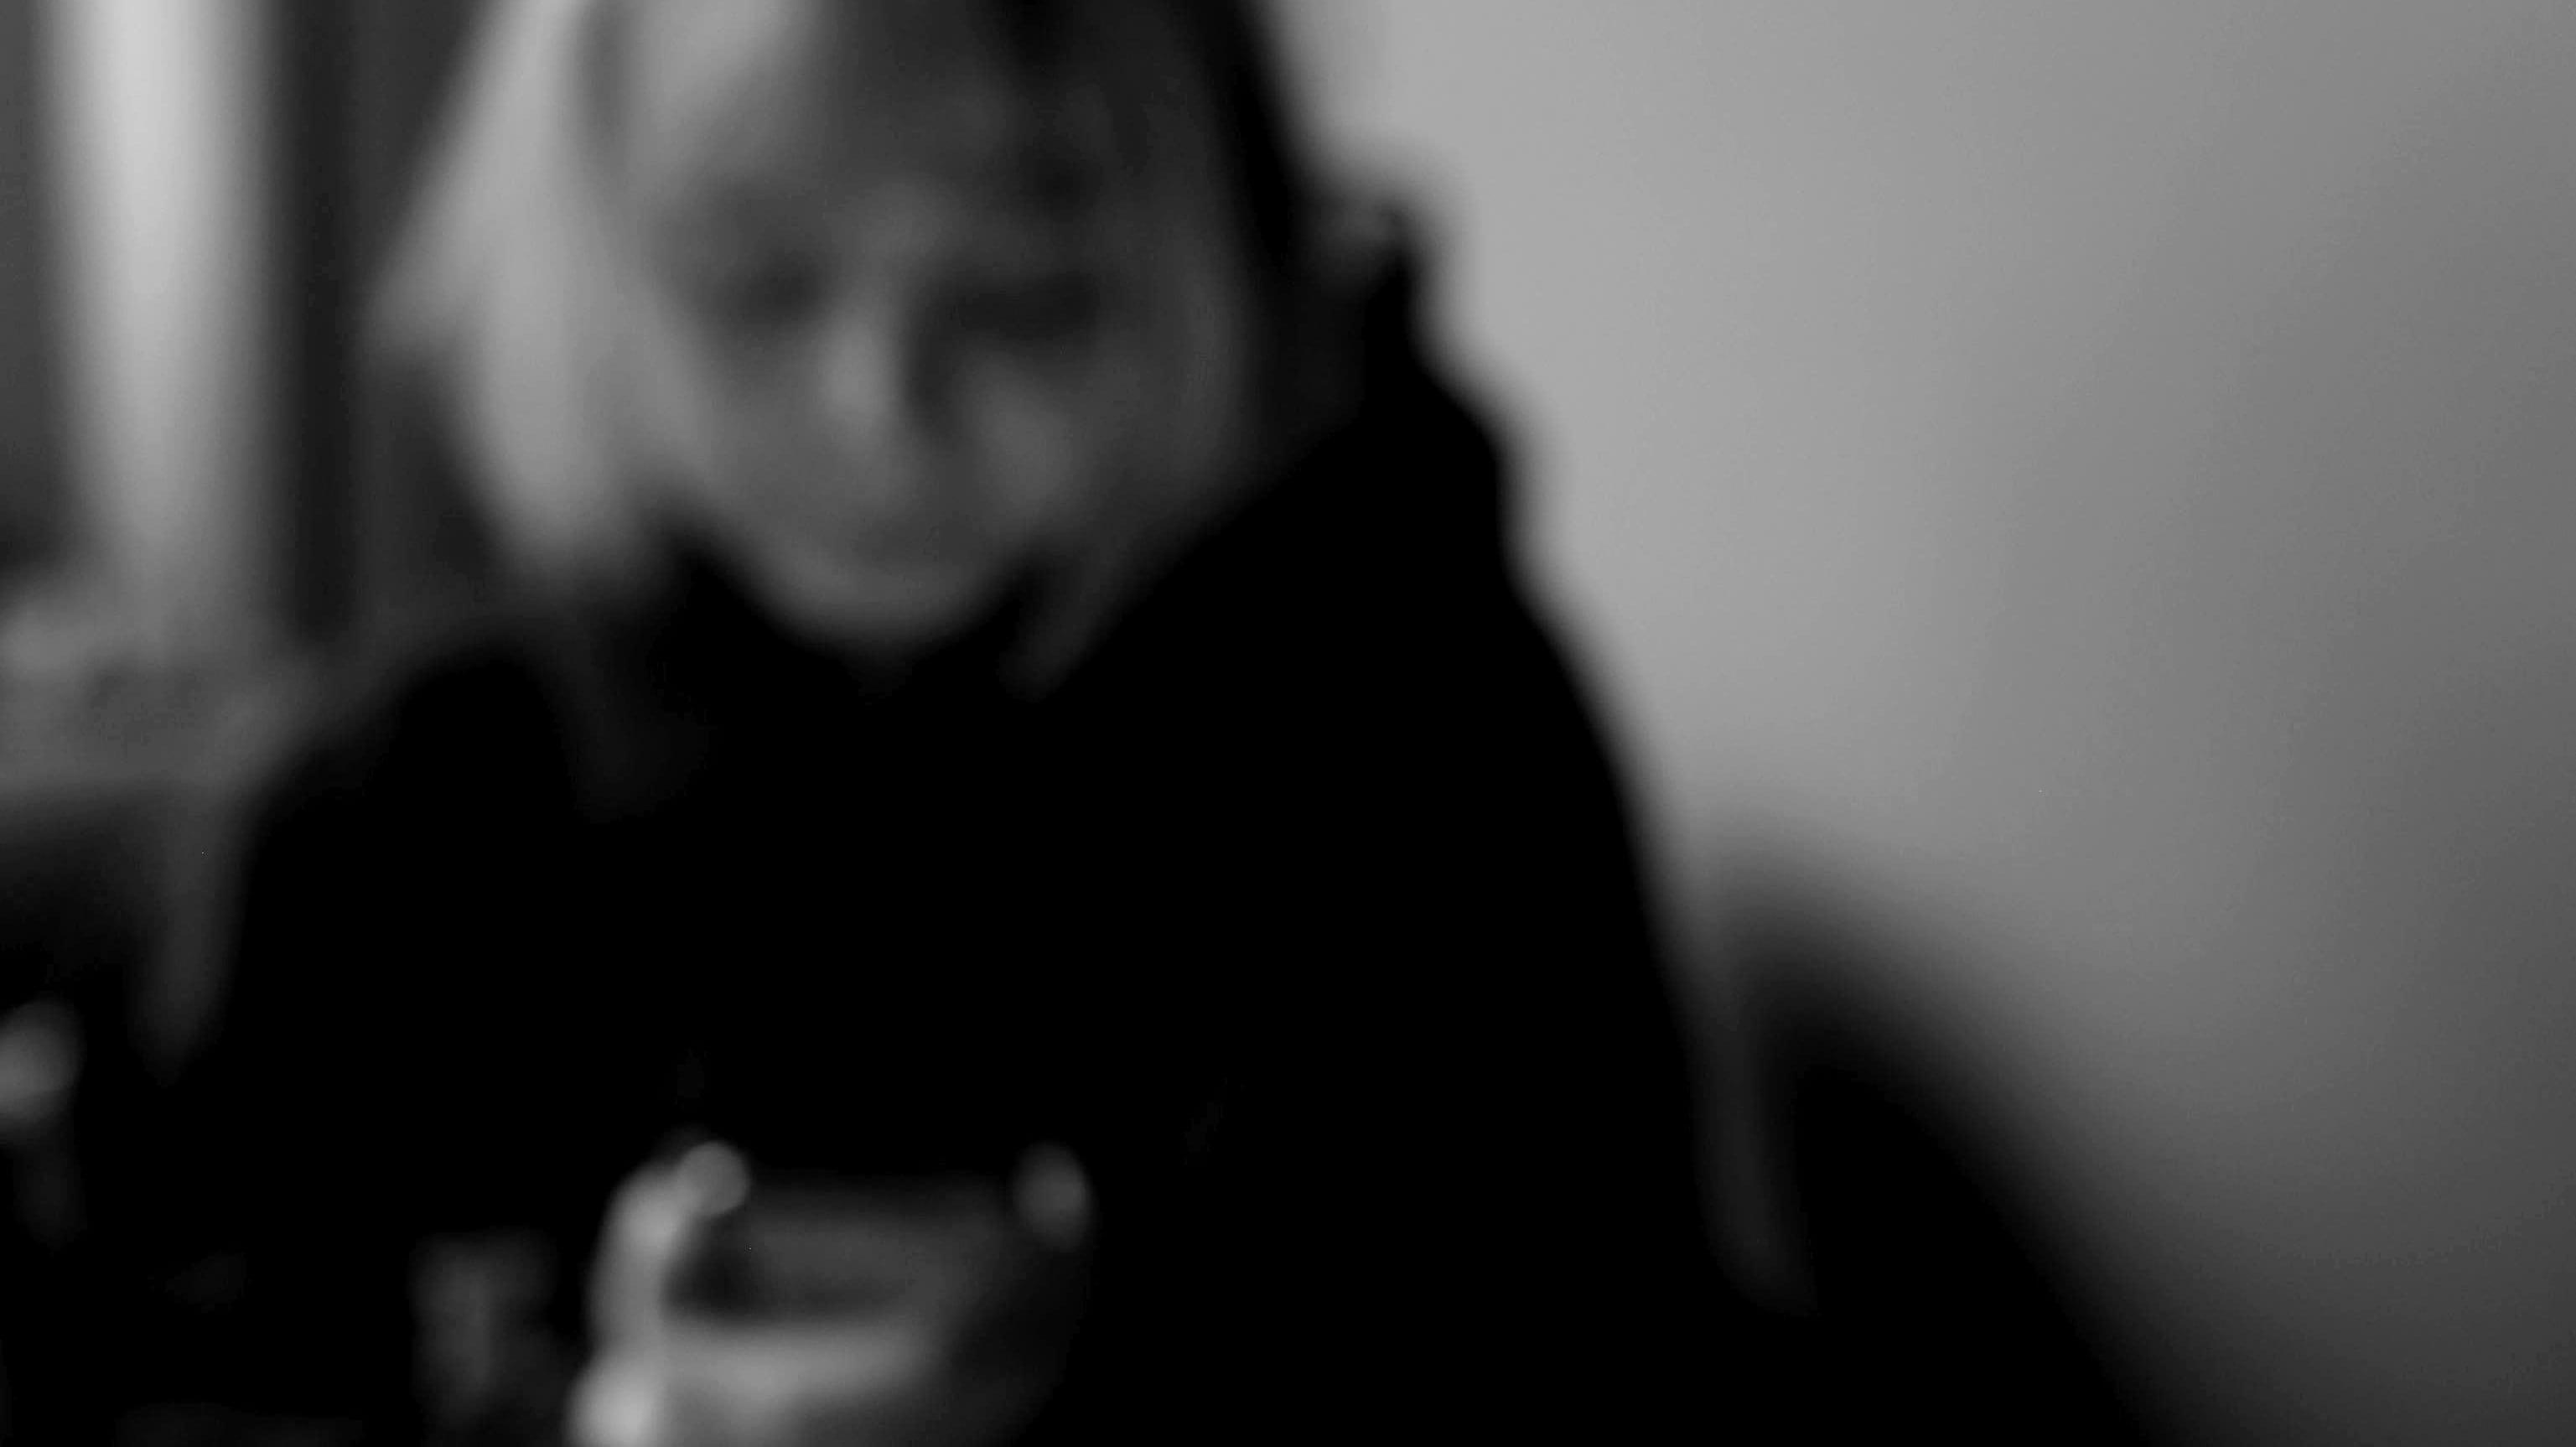 Någon anonym tittar ner på sin telefon. Bilder är svartvit och blurrad.